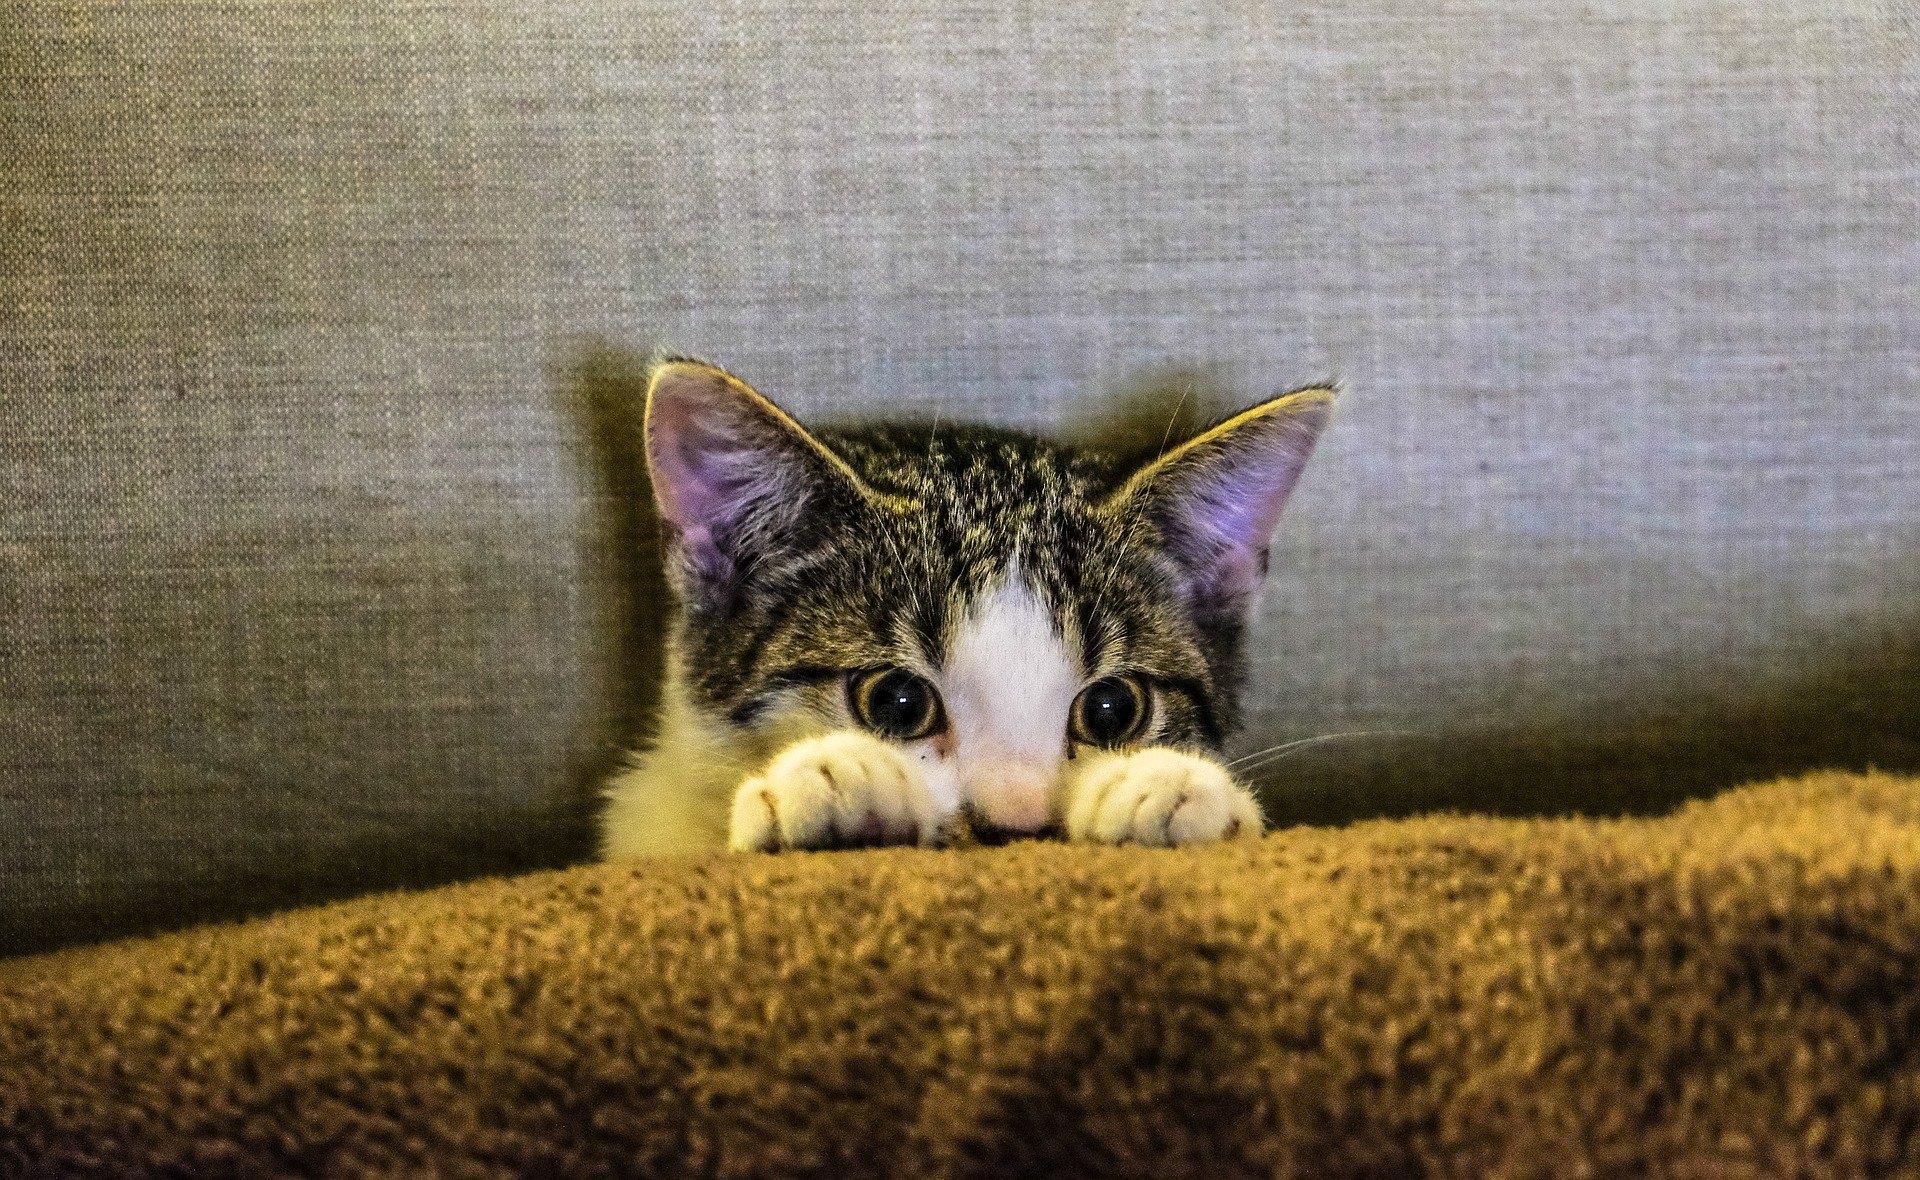 Die Sterilisation einer Katze schützt sie vor vielen Krankheiten und verringert das Phänomen der Obdachlosigkeit von Katzen.